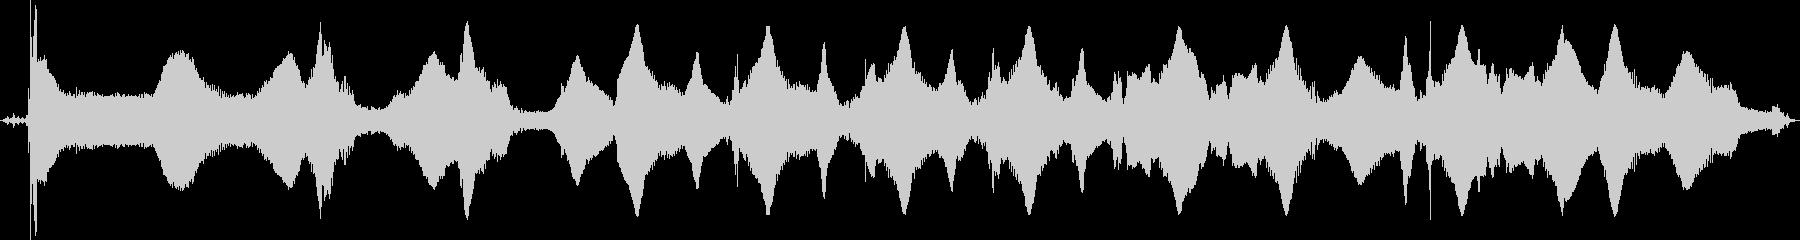 ホンダシビック4Wd 2000Cc...の未再生の波形